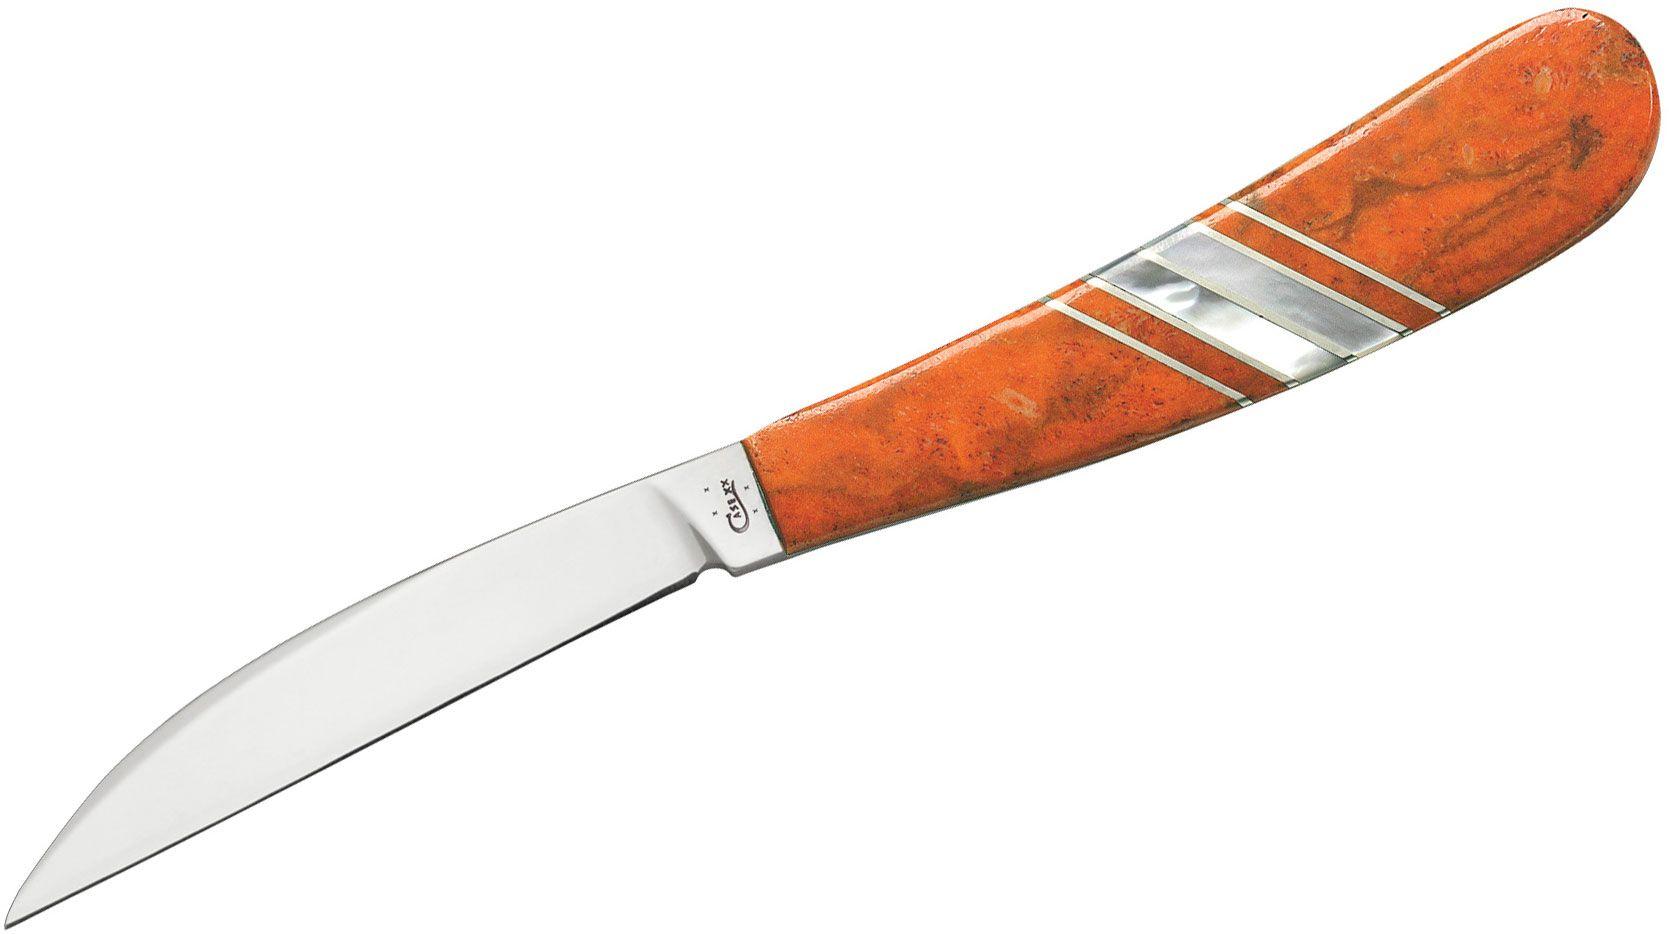 Case 11109 Exotic Orange Coral Desk Knife (EX17-3 154-CM)